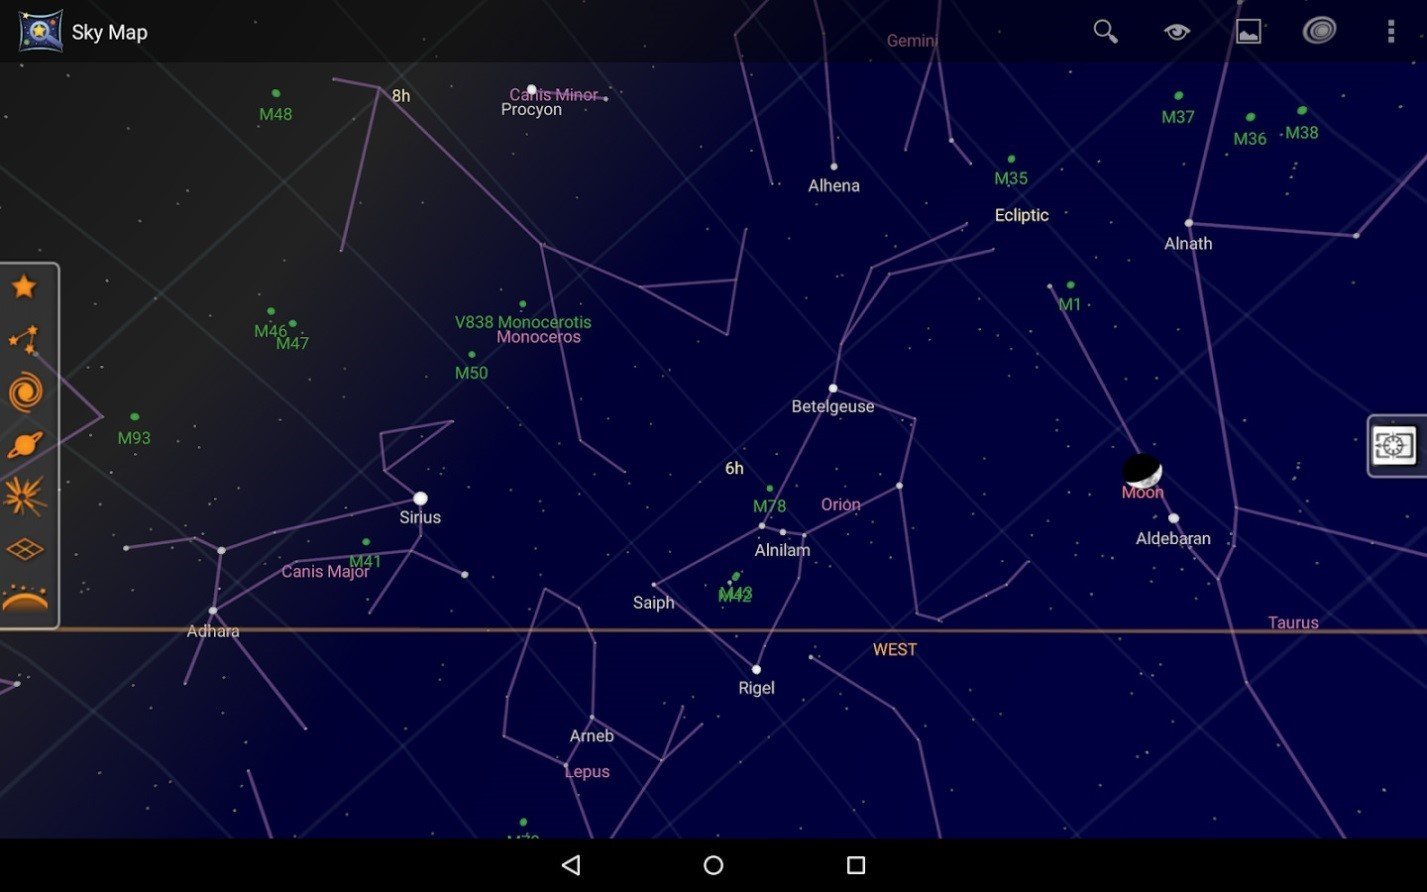 Астрософт для наблюдения за космосом с телефона - 10